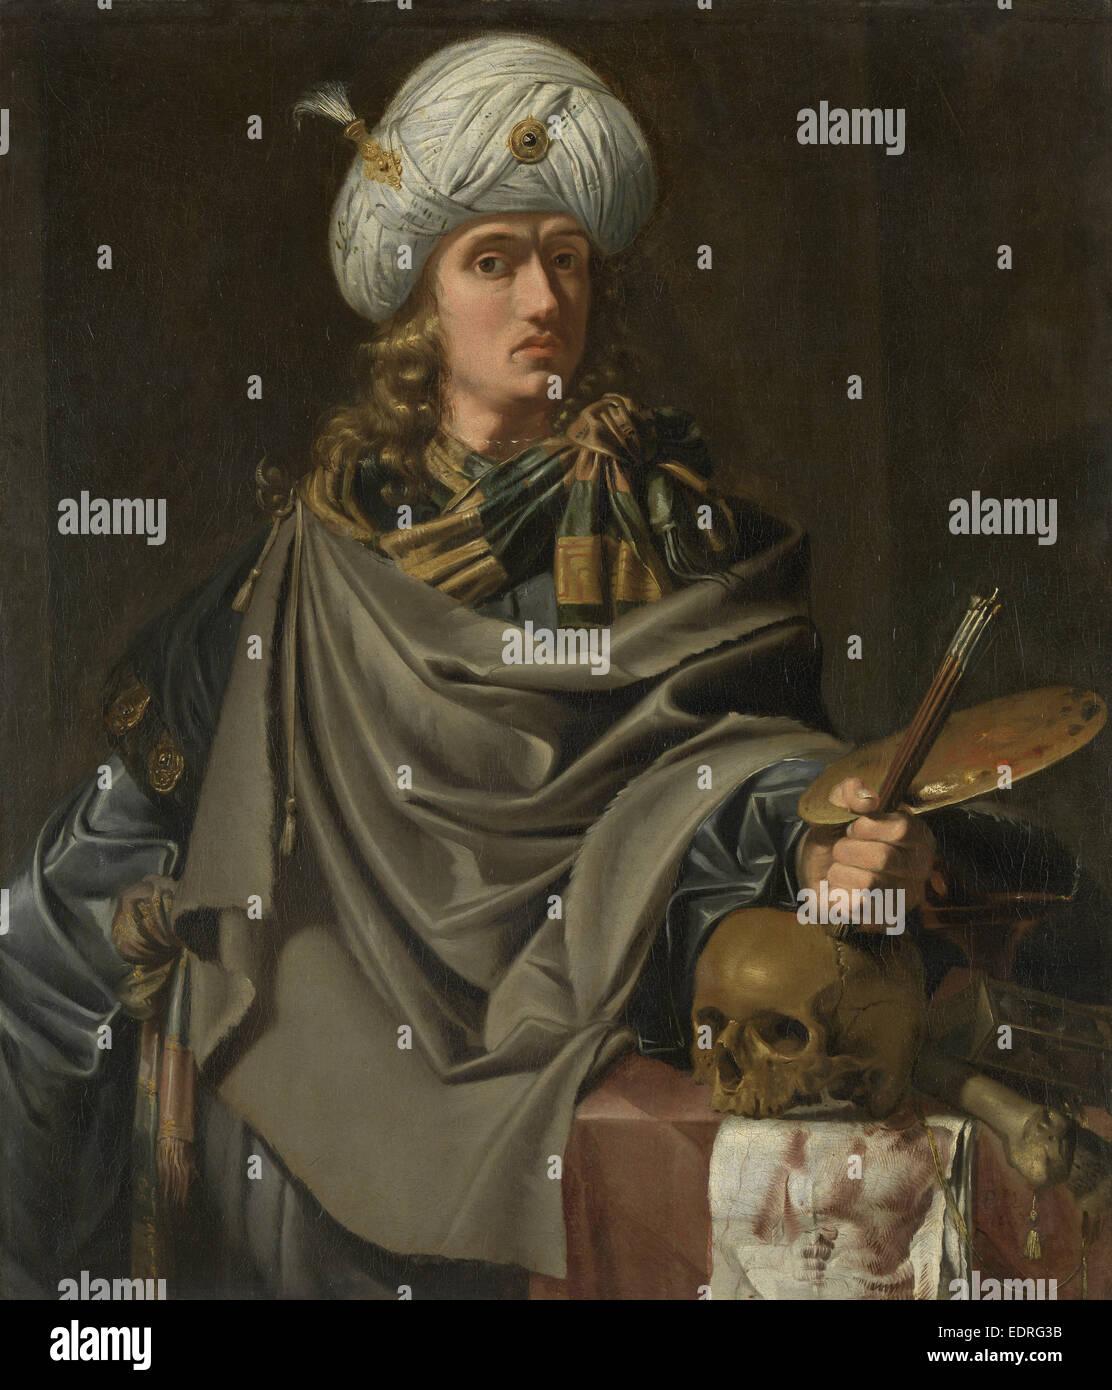 An antique artist, attributed to Johannes van Swinderen, c. 1628 - c. 1636 - Stock Image